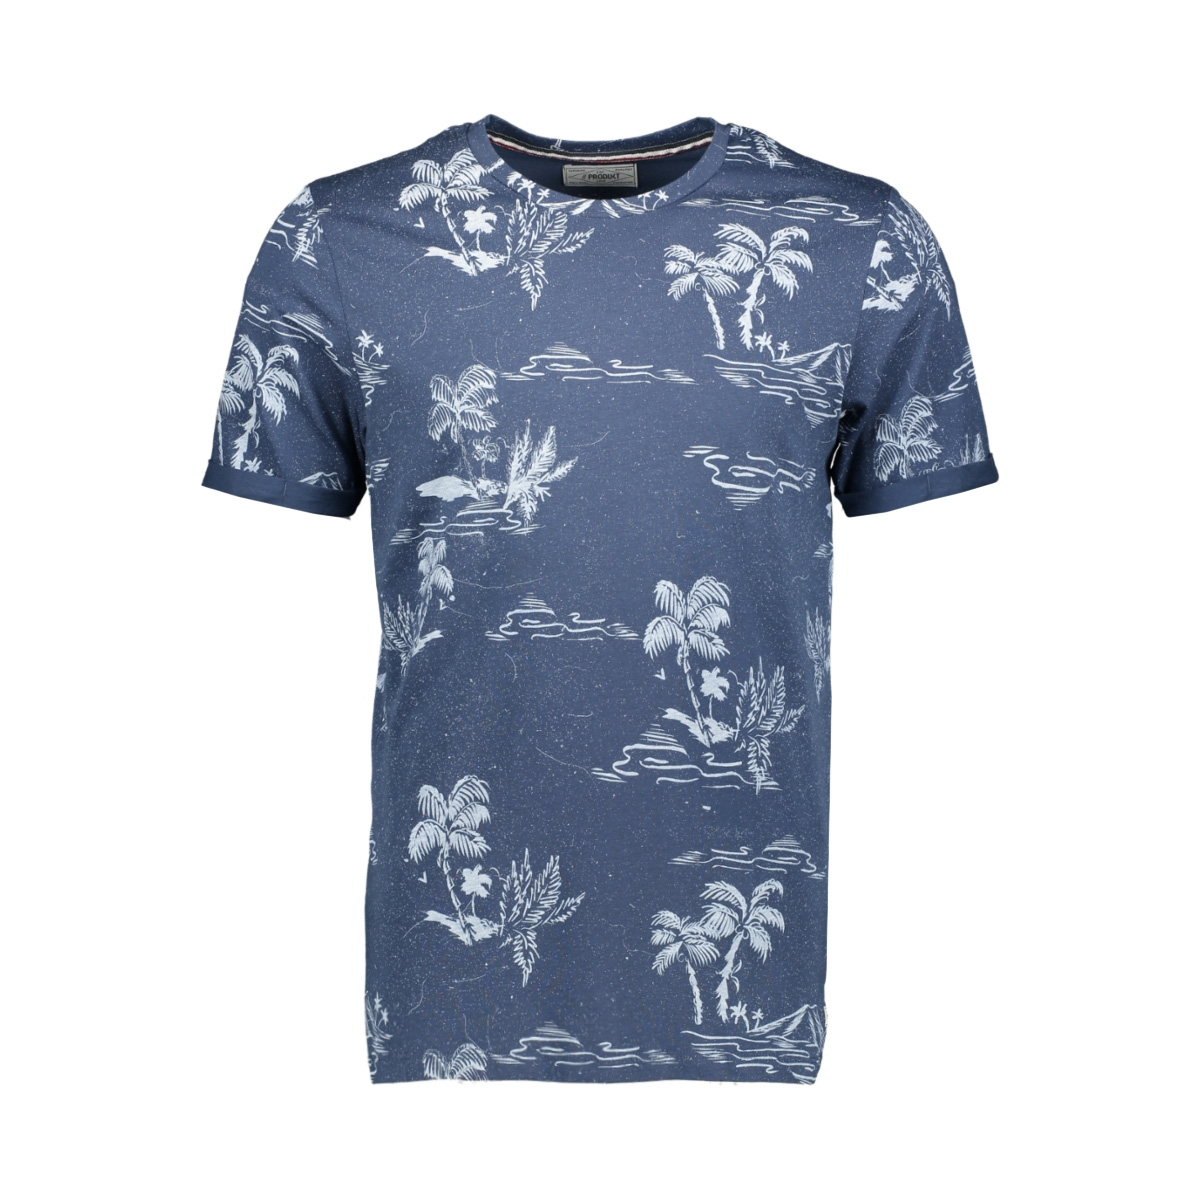 pktgms holiday aop tee ss 12149680 produkt t-shirt dark denim